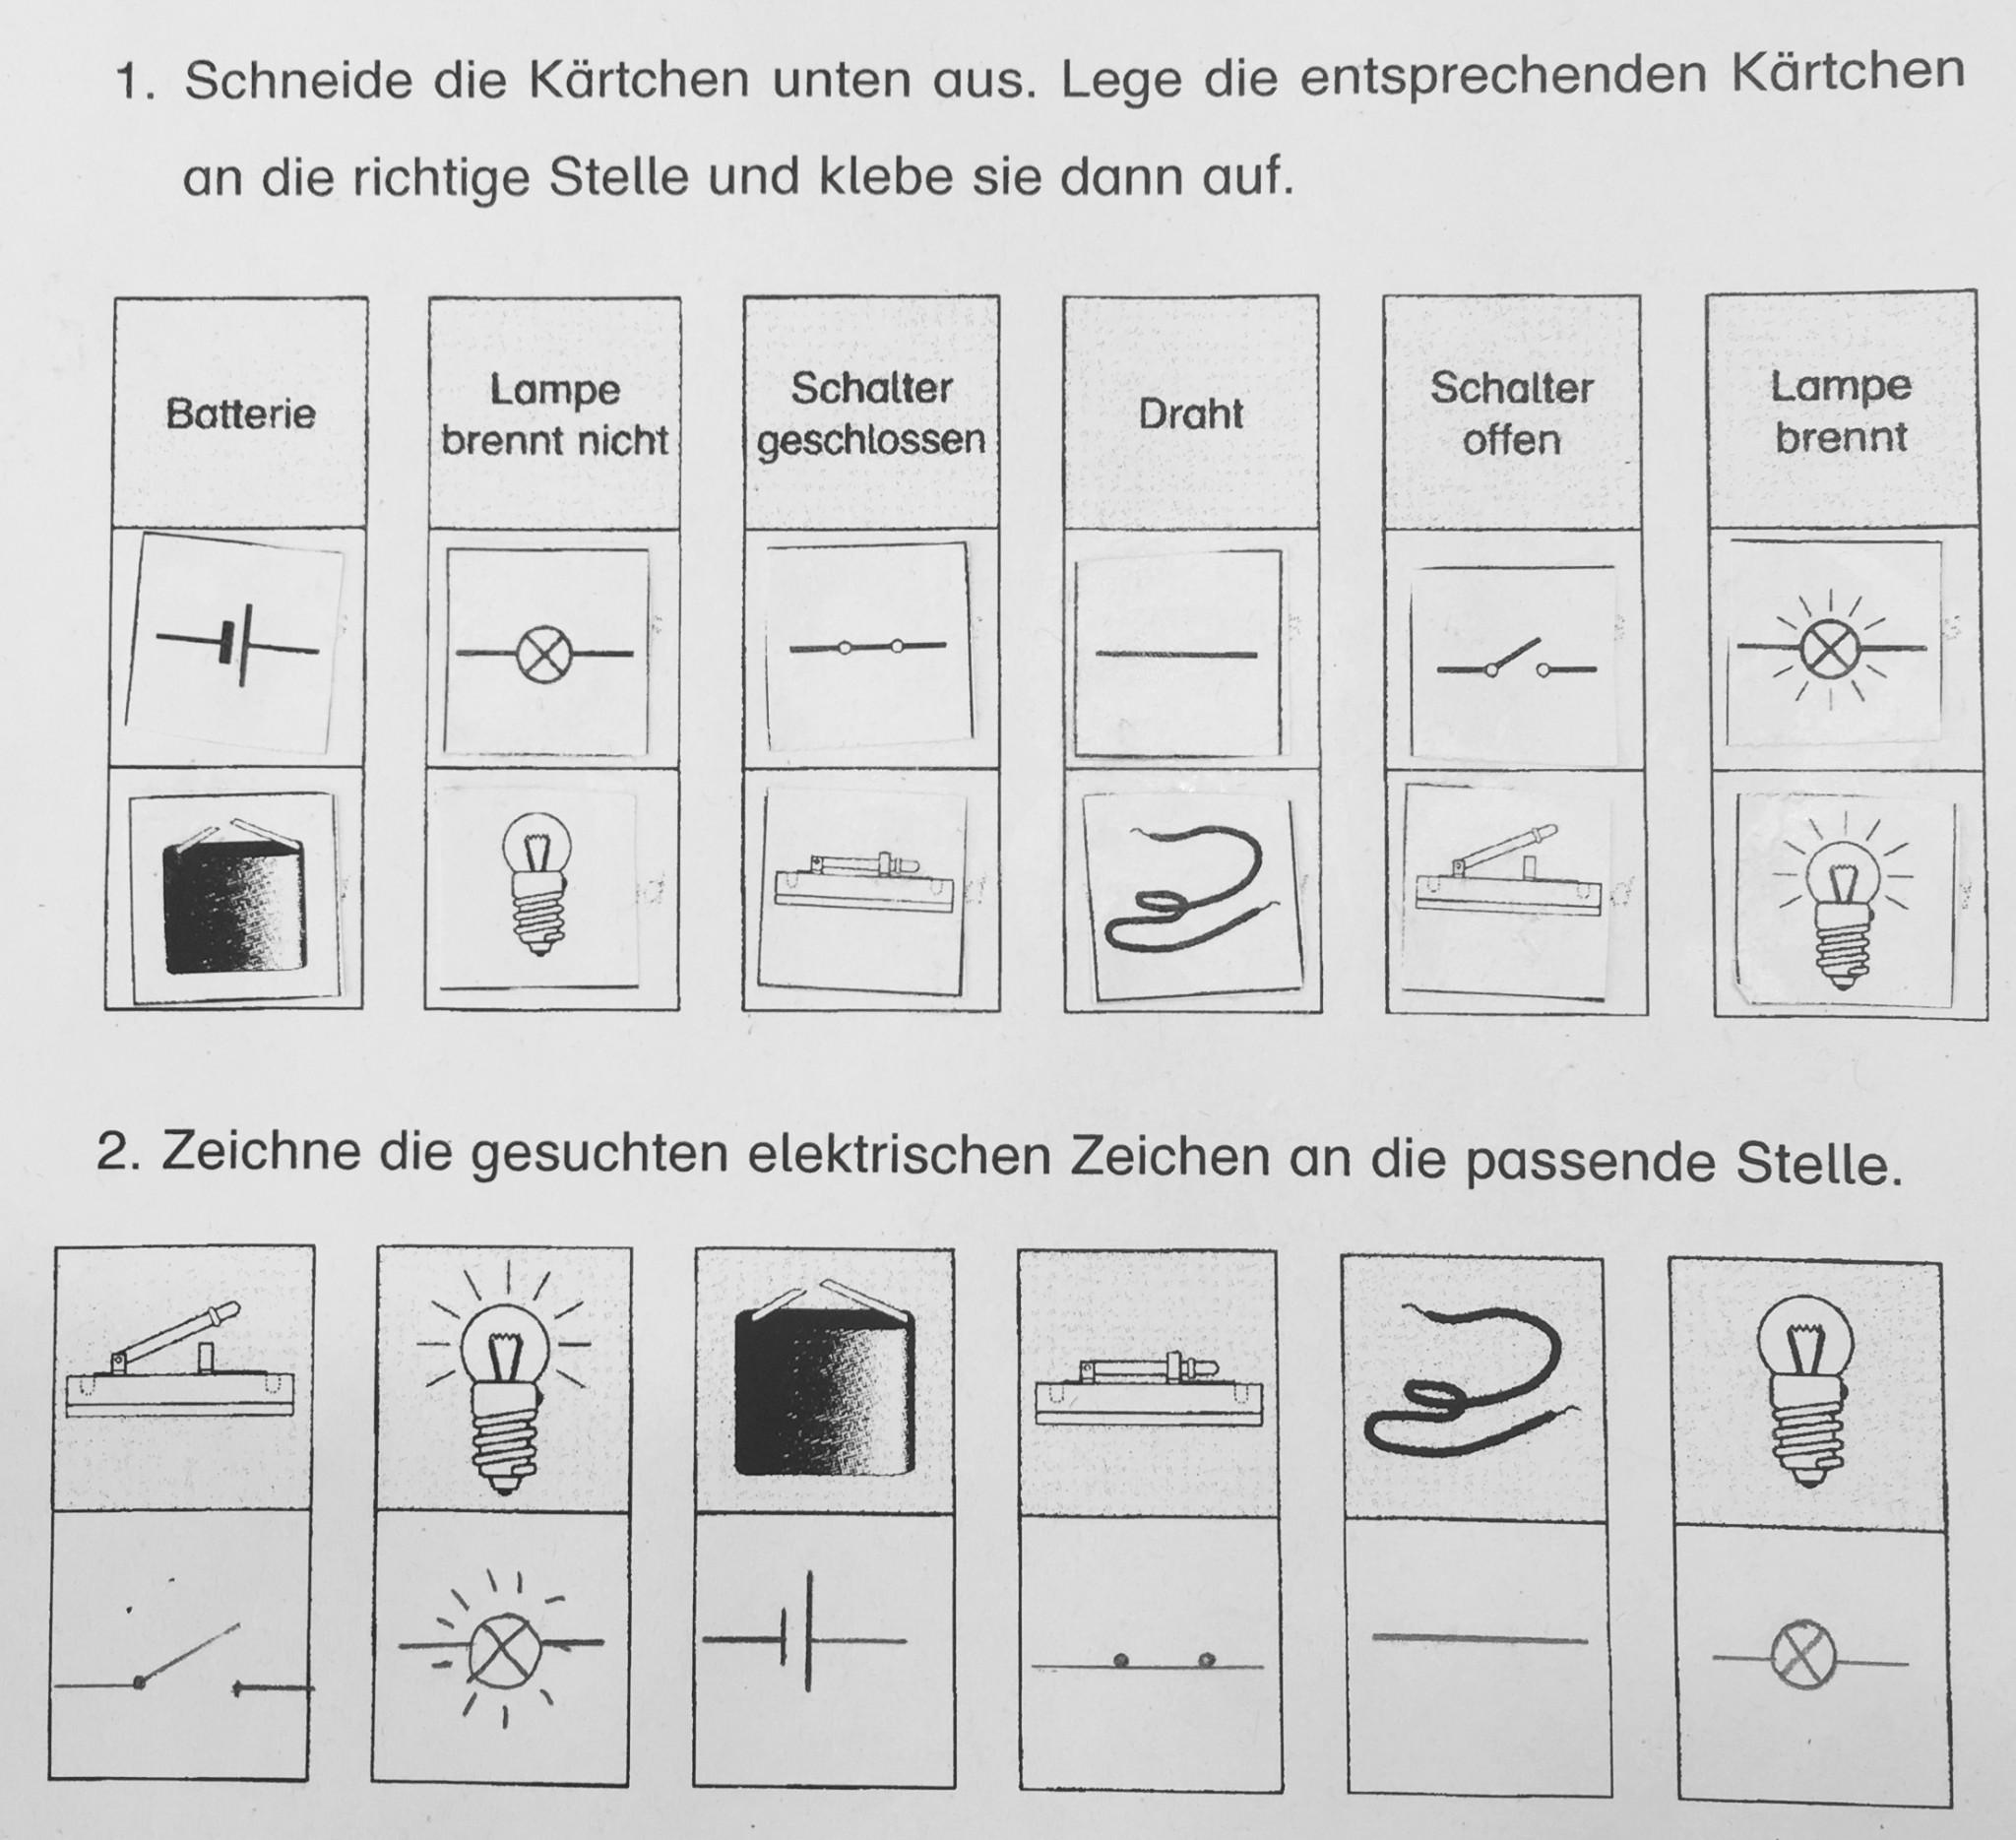 elektrische zeichen